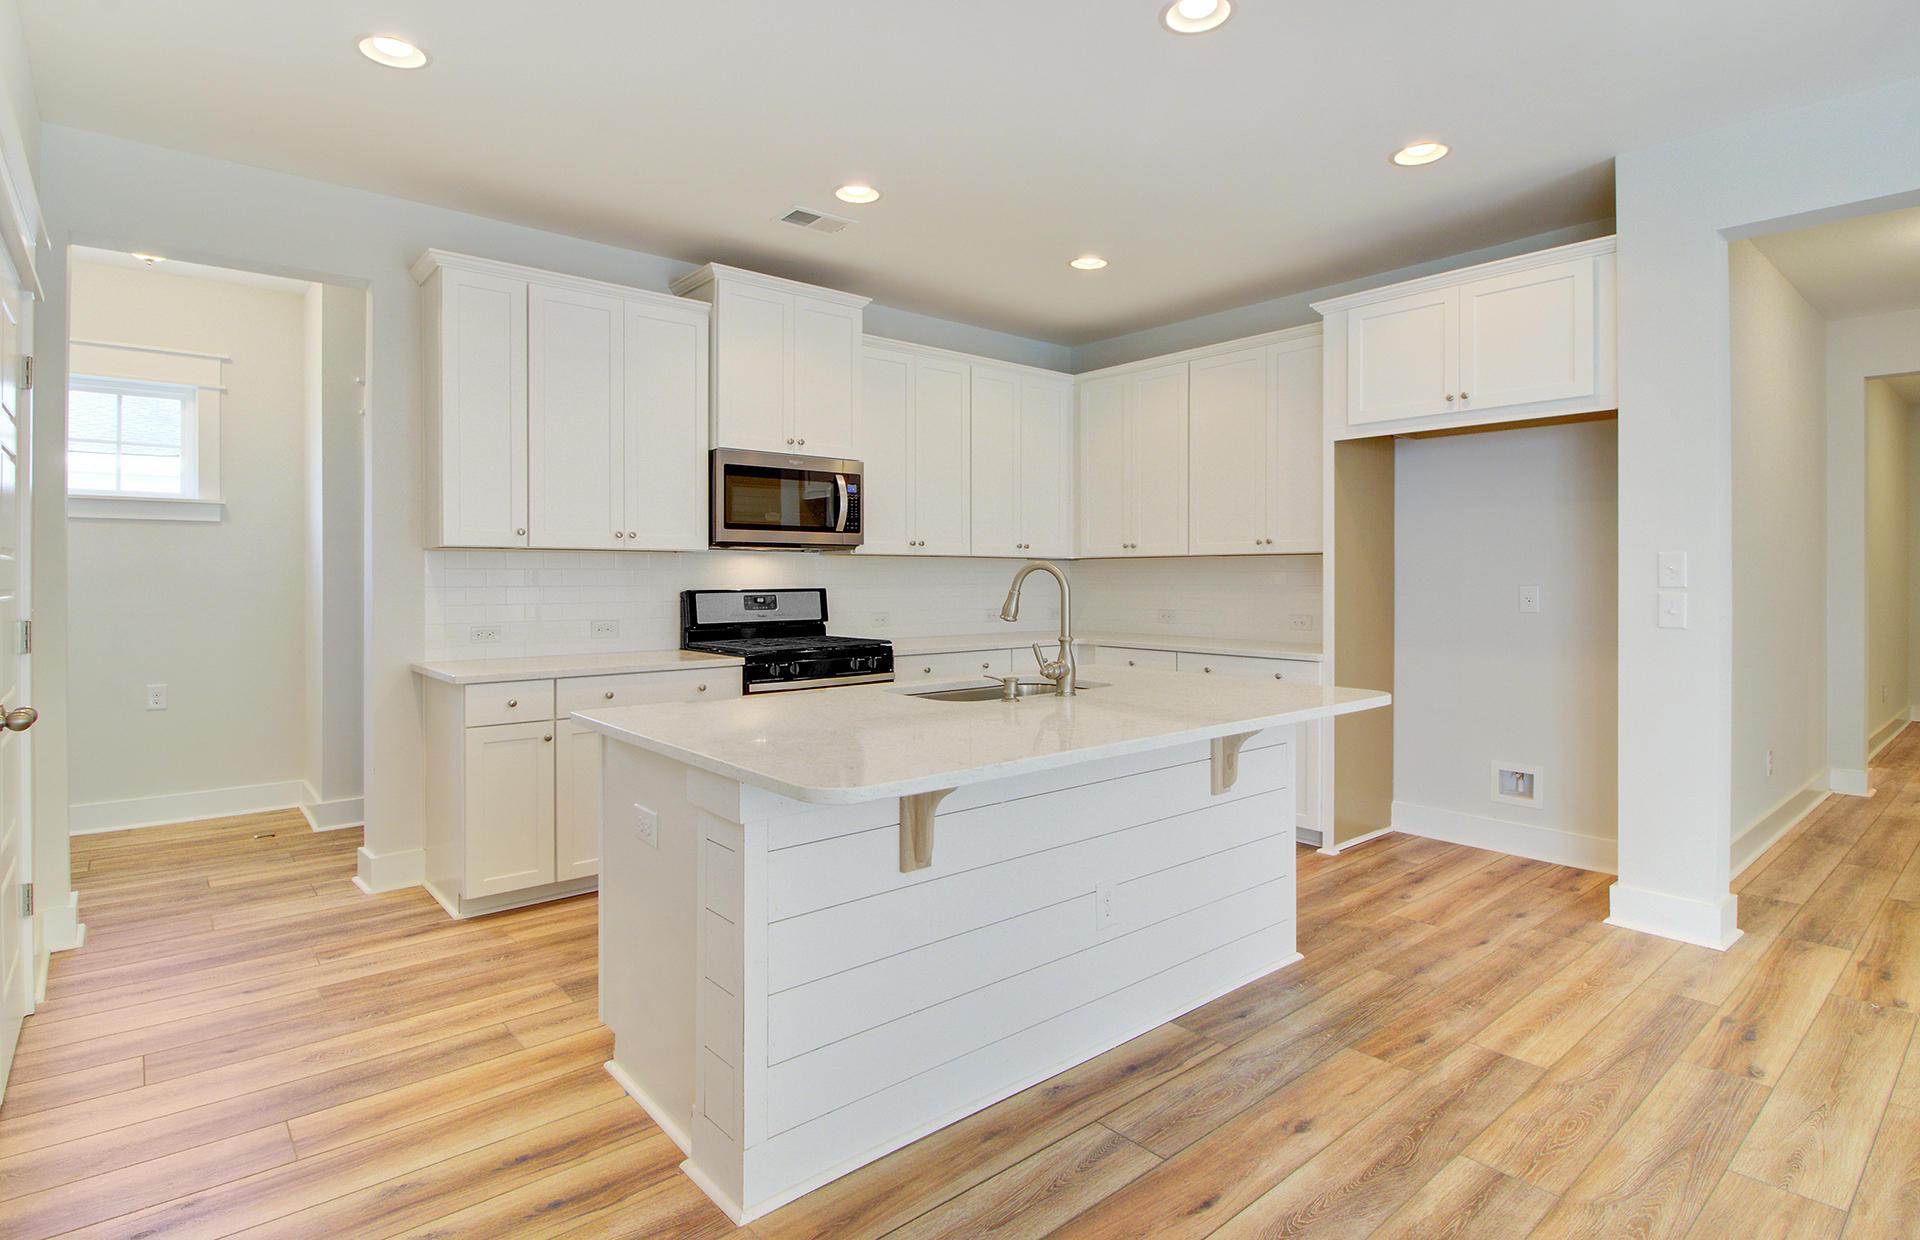 Park West Homes For Sale - 3032 Caspian, Mount Pleasant, SC - 21